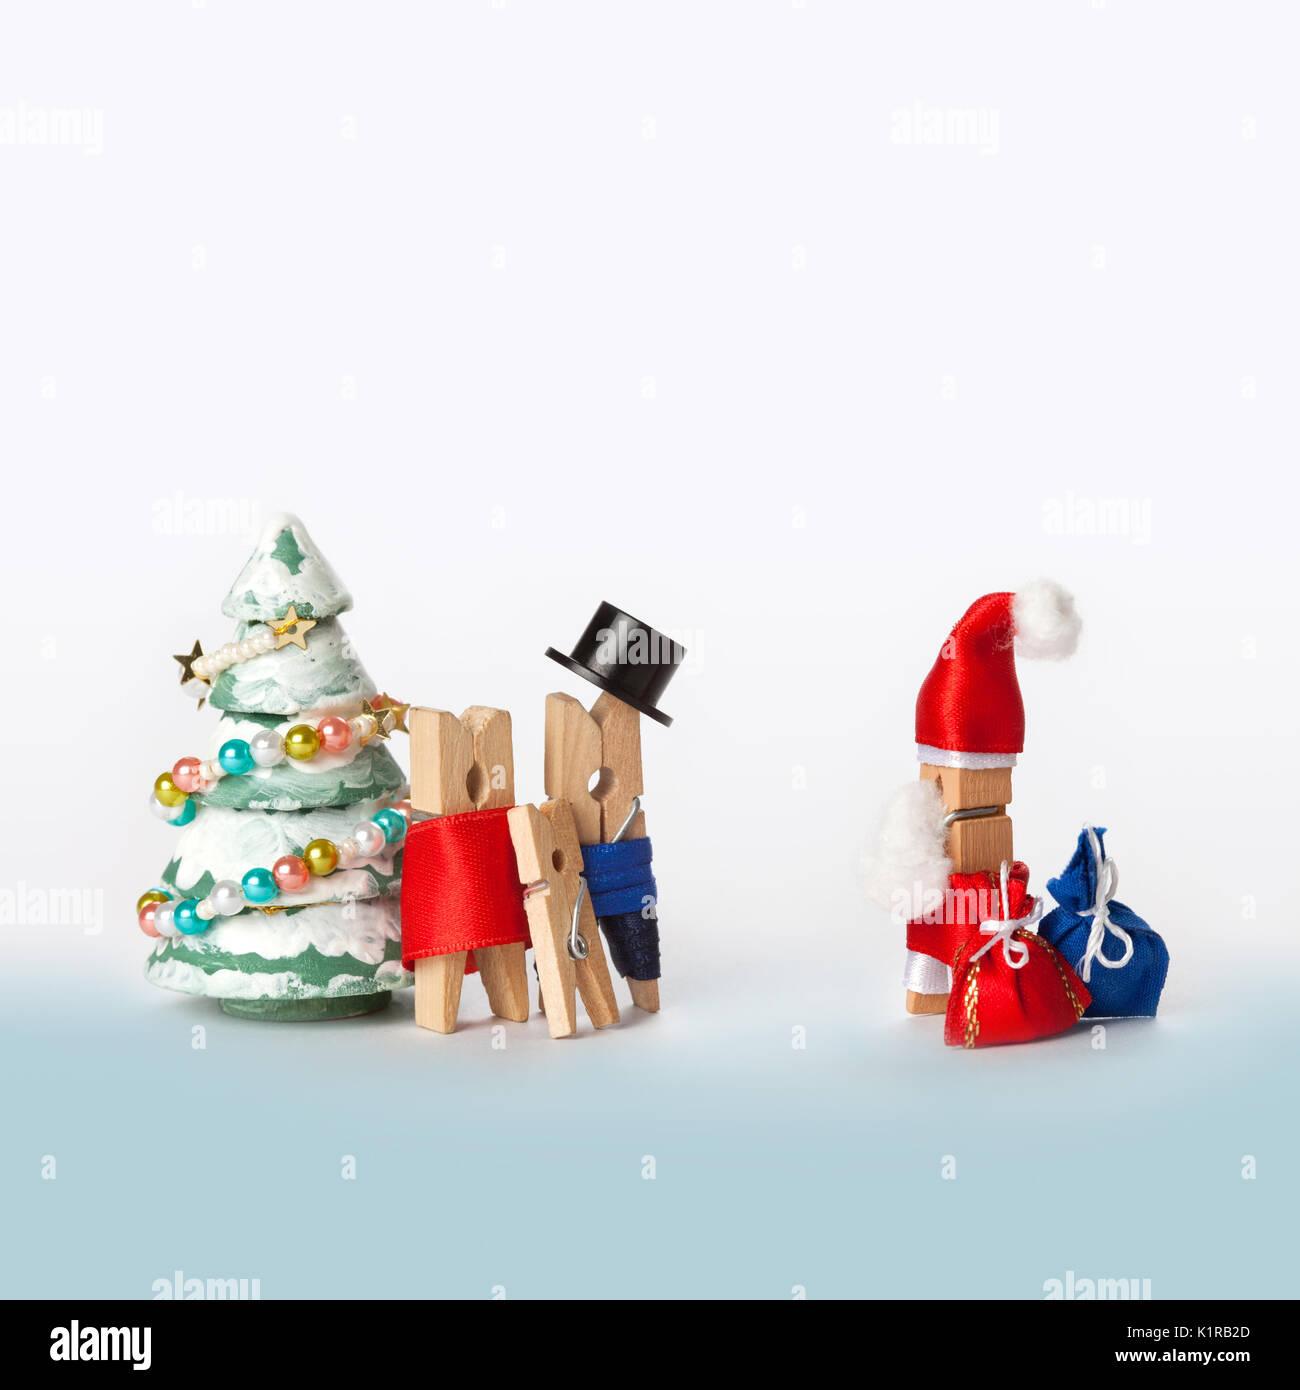 Holz wäscheklammer Familie mit Kind und Weihnachtsmann ...